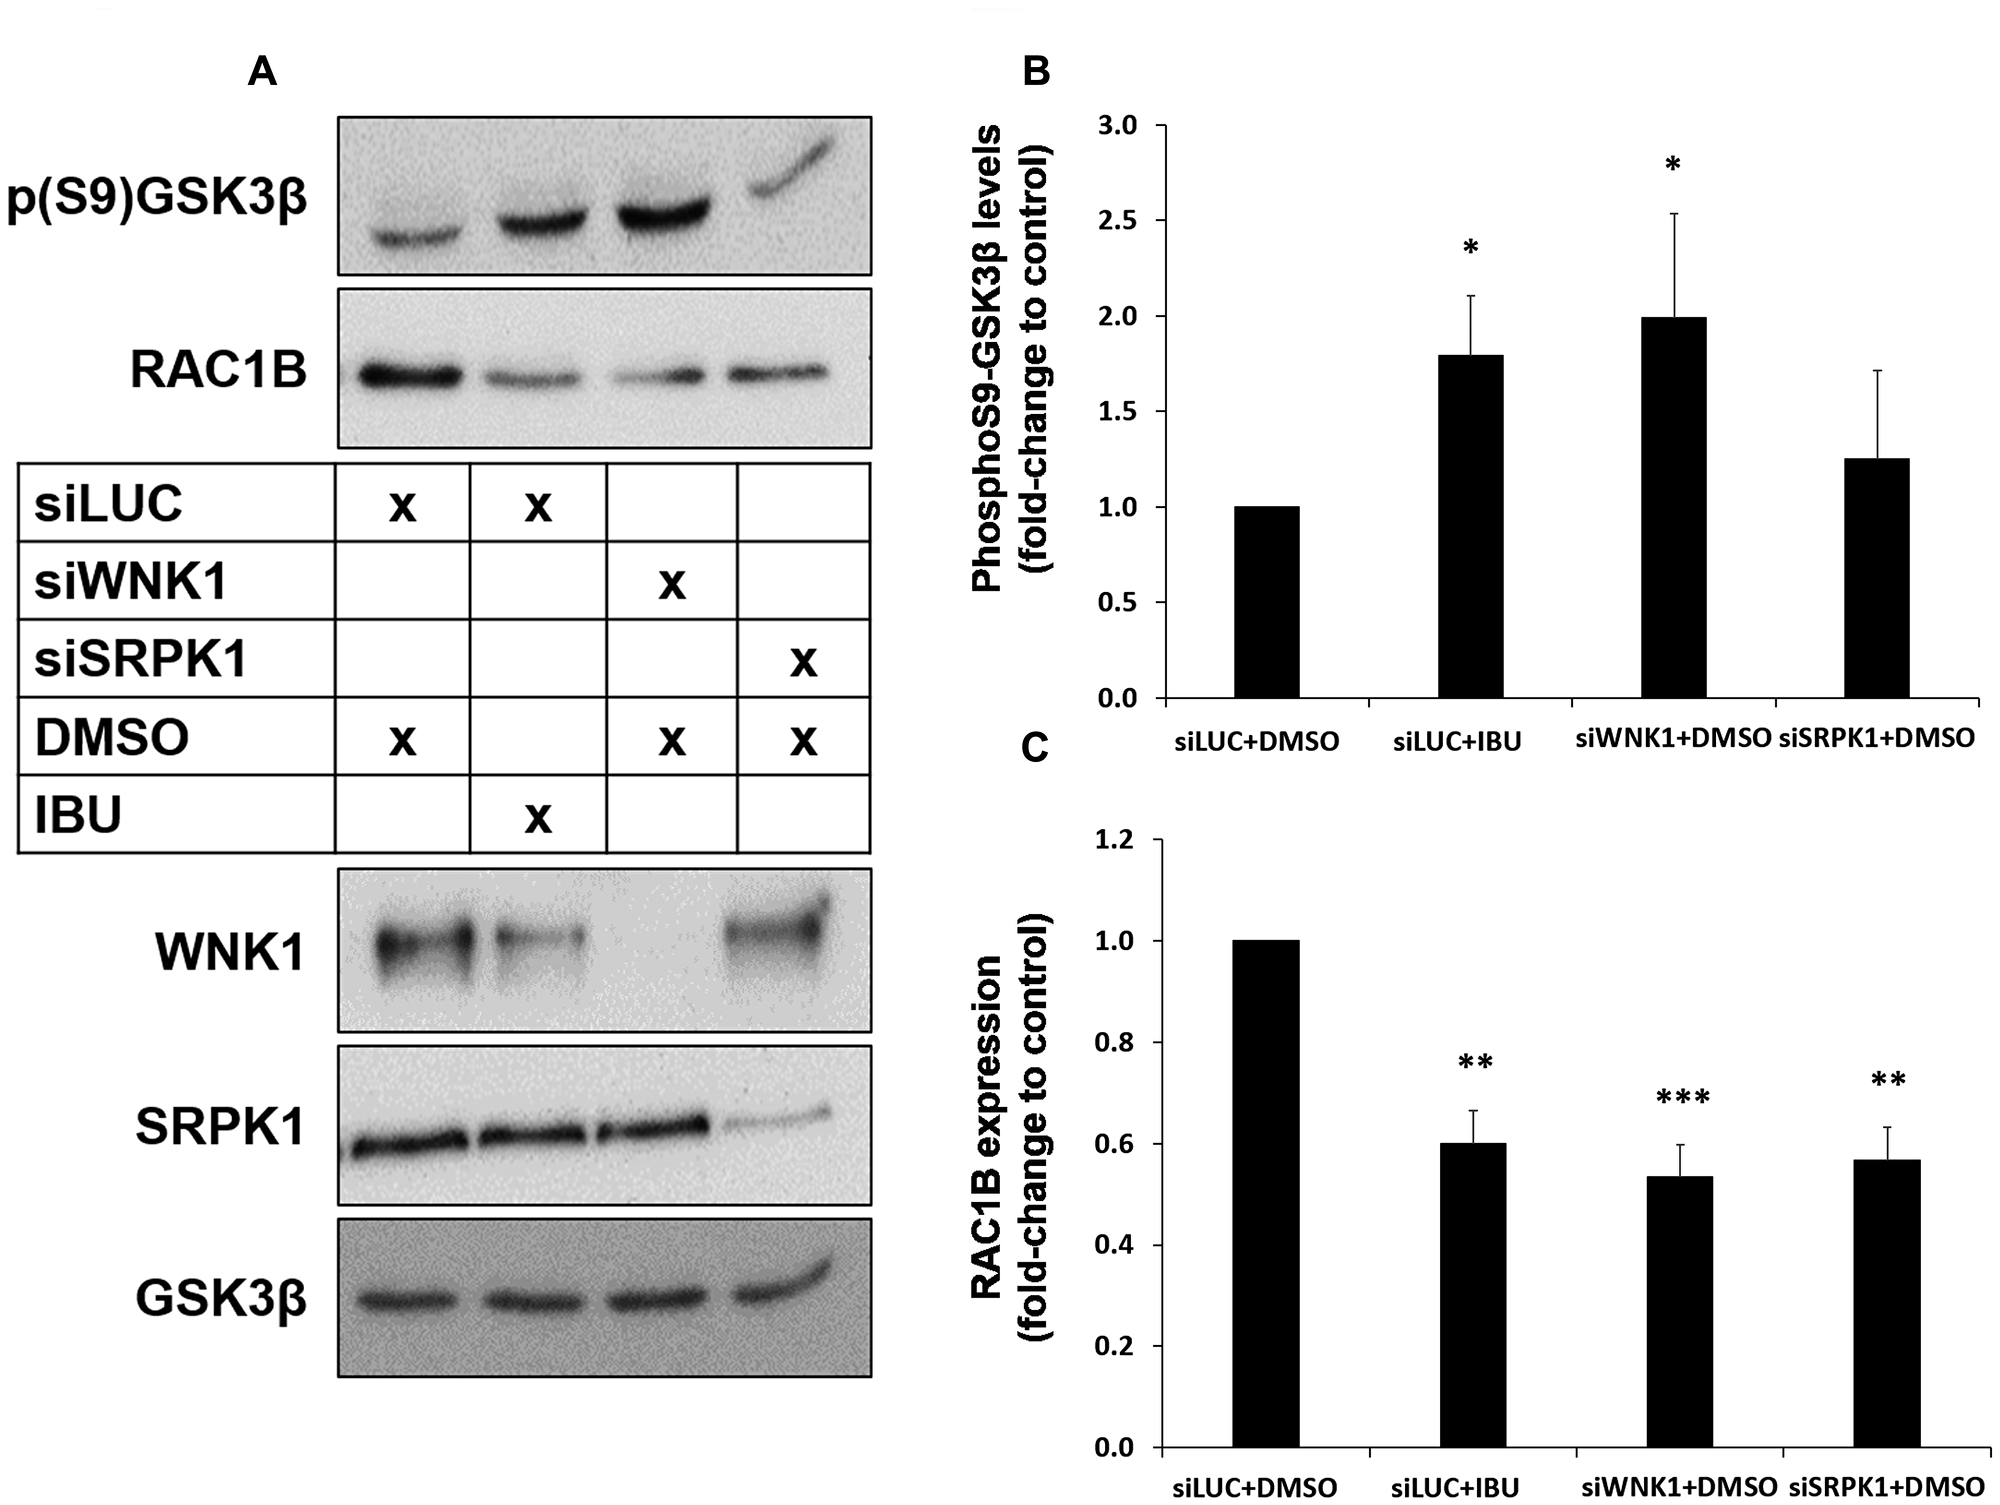 Both ibuprofen treatment or WNK1 depletion decrease RAC1B through GSK3β inhibition by S9 phosphorylation.